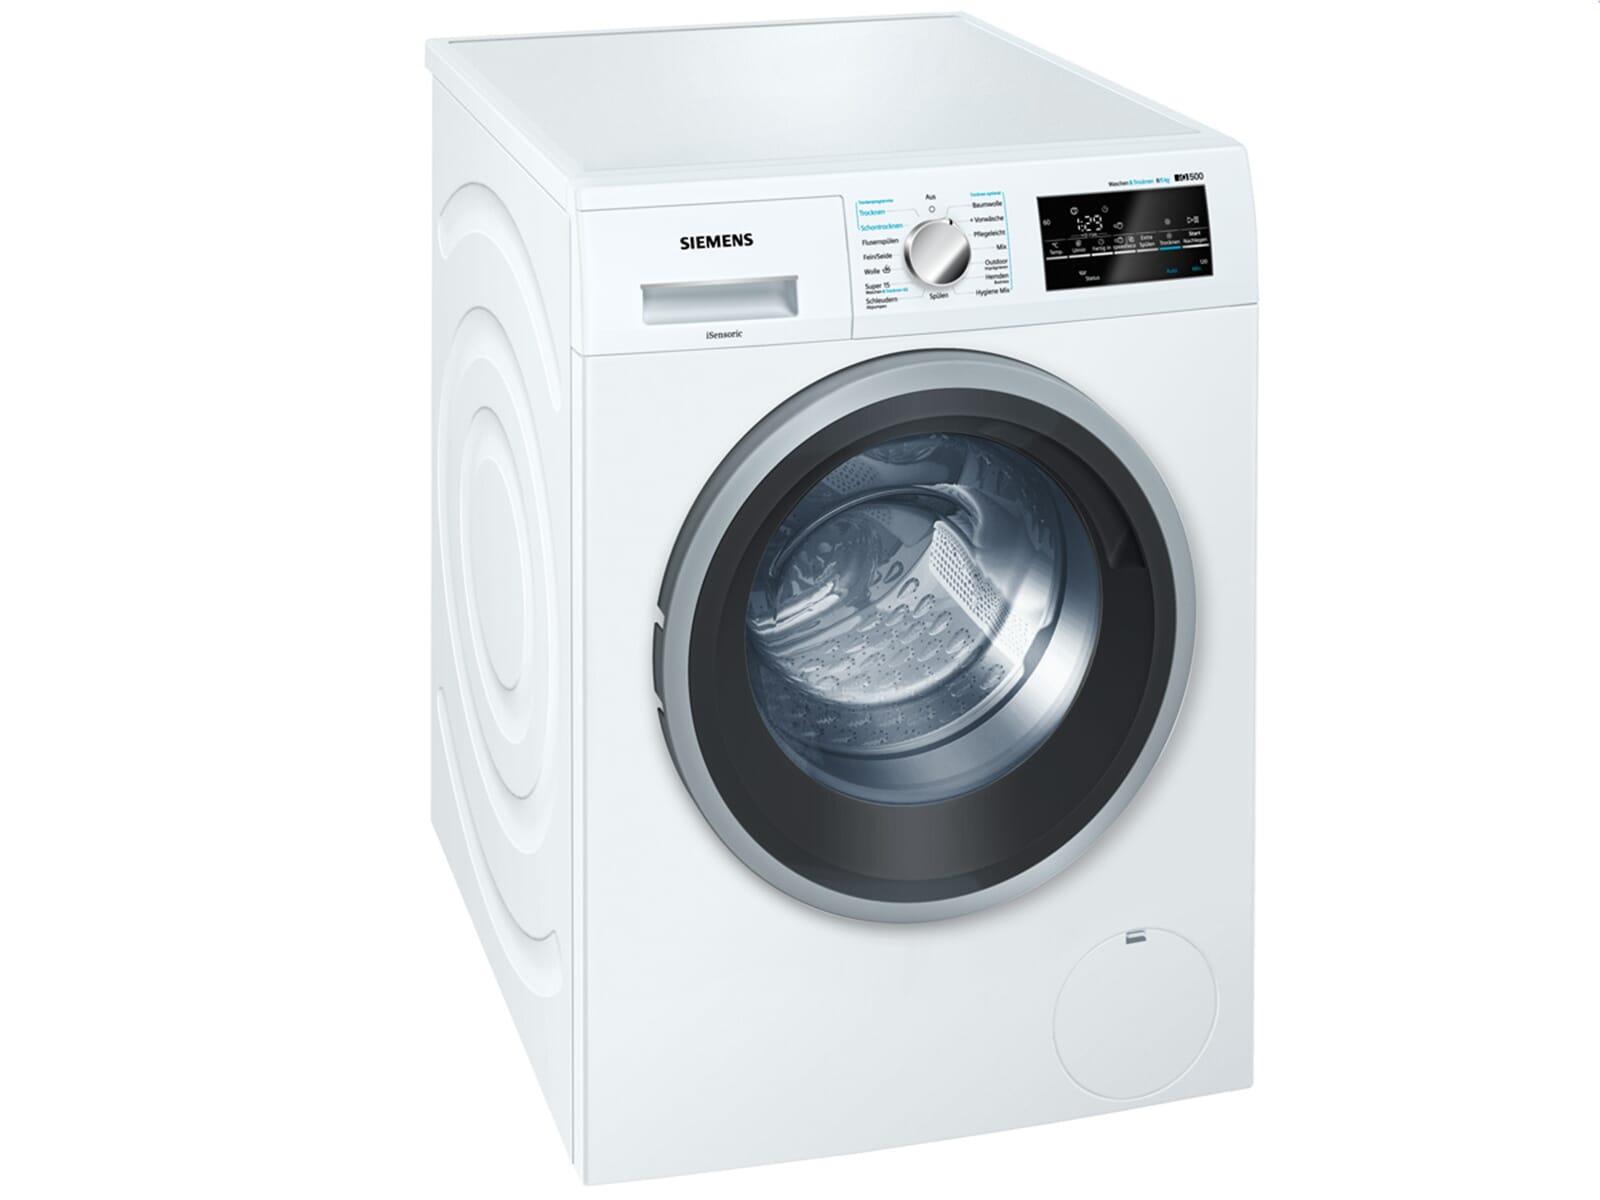 siemens wd15g442 stand waschtrockner wei standger t waschmaschine trockner ebay. Black Bedroom Furniture Sets. Home Design Ideas